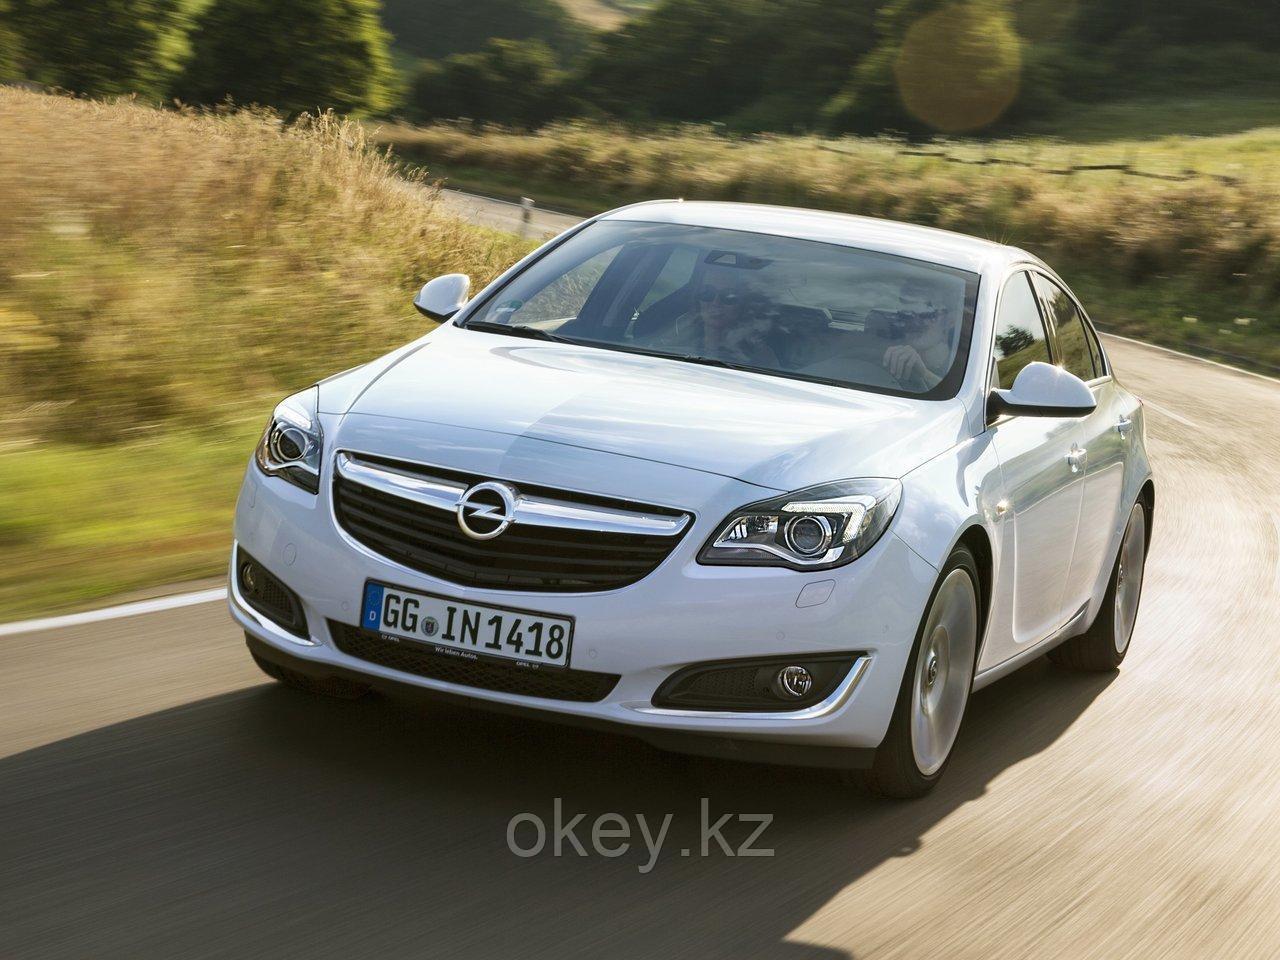 Тормозные колодки Kötl 1782KT для Opel Insignia I седан 1.4 LPG, 2012-2015 года выпуска.